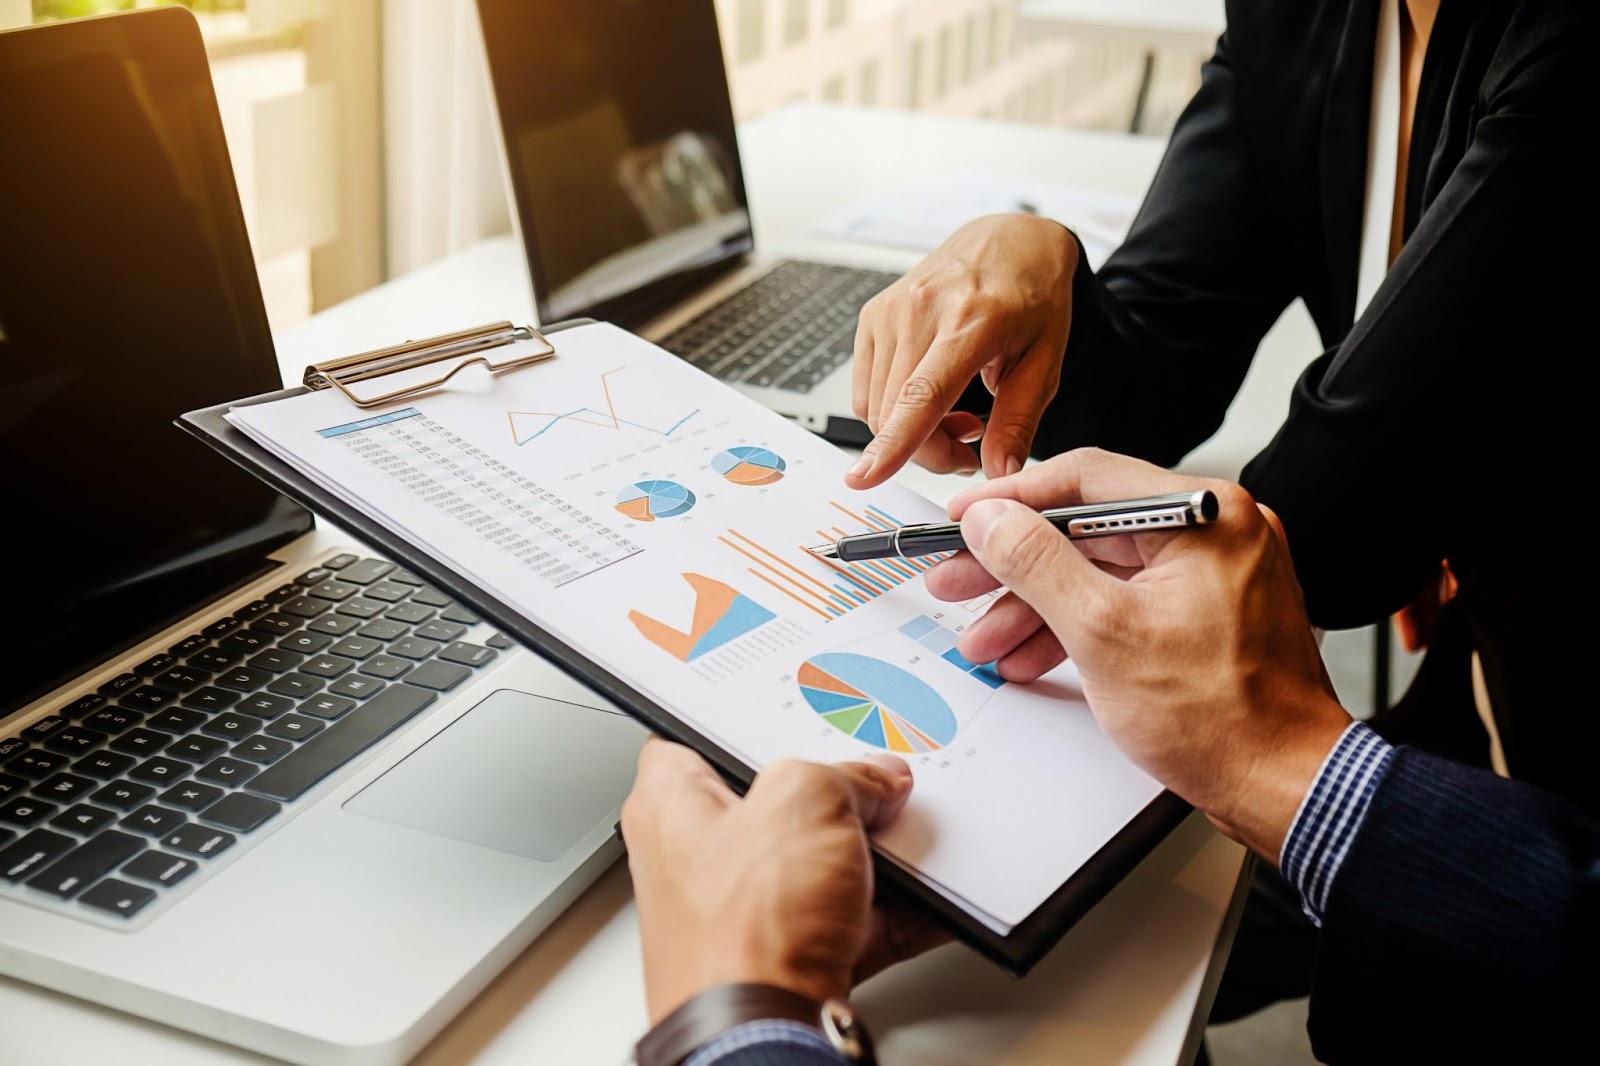 استخدام بعض البيانات في إعداد خريطة ربحية لشركة ما باستخدام معالج التخطيطات في برنامج Microsoft Excel